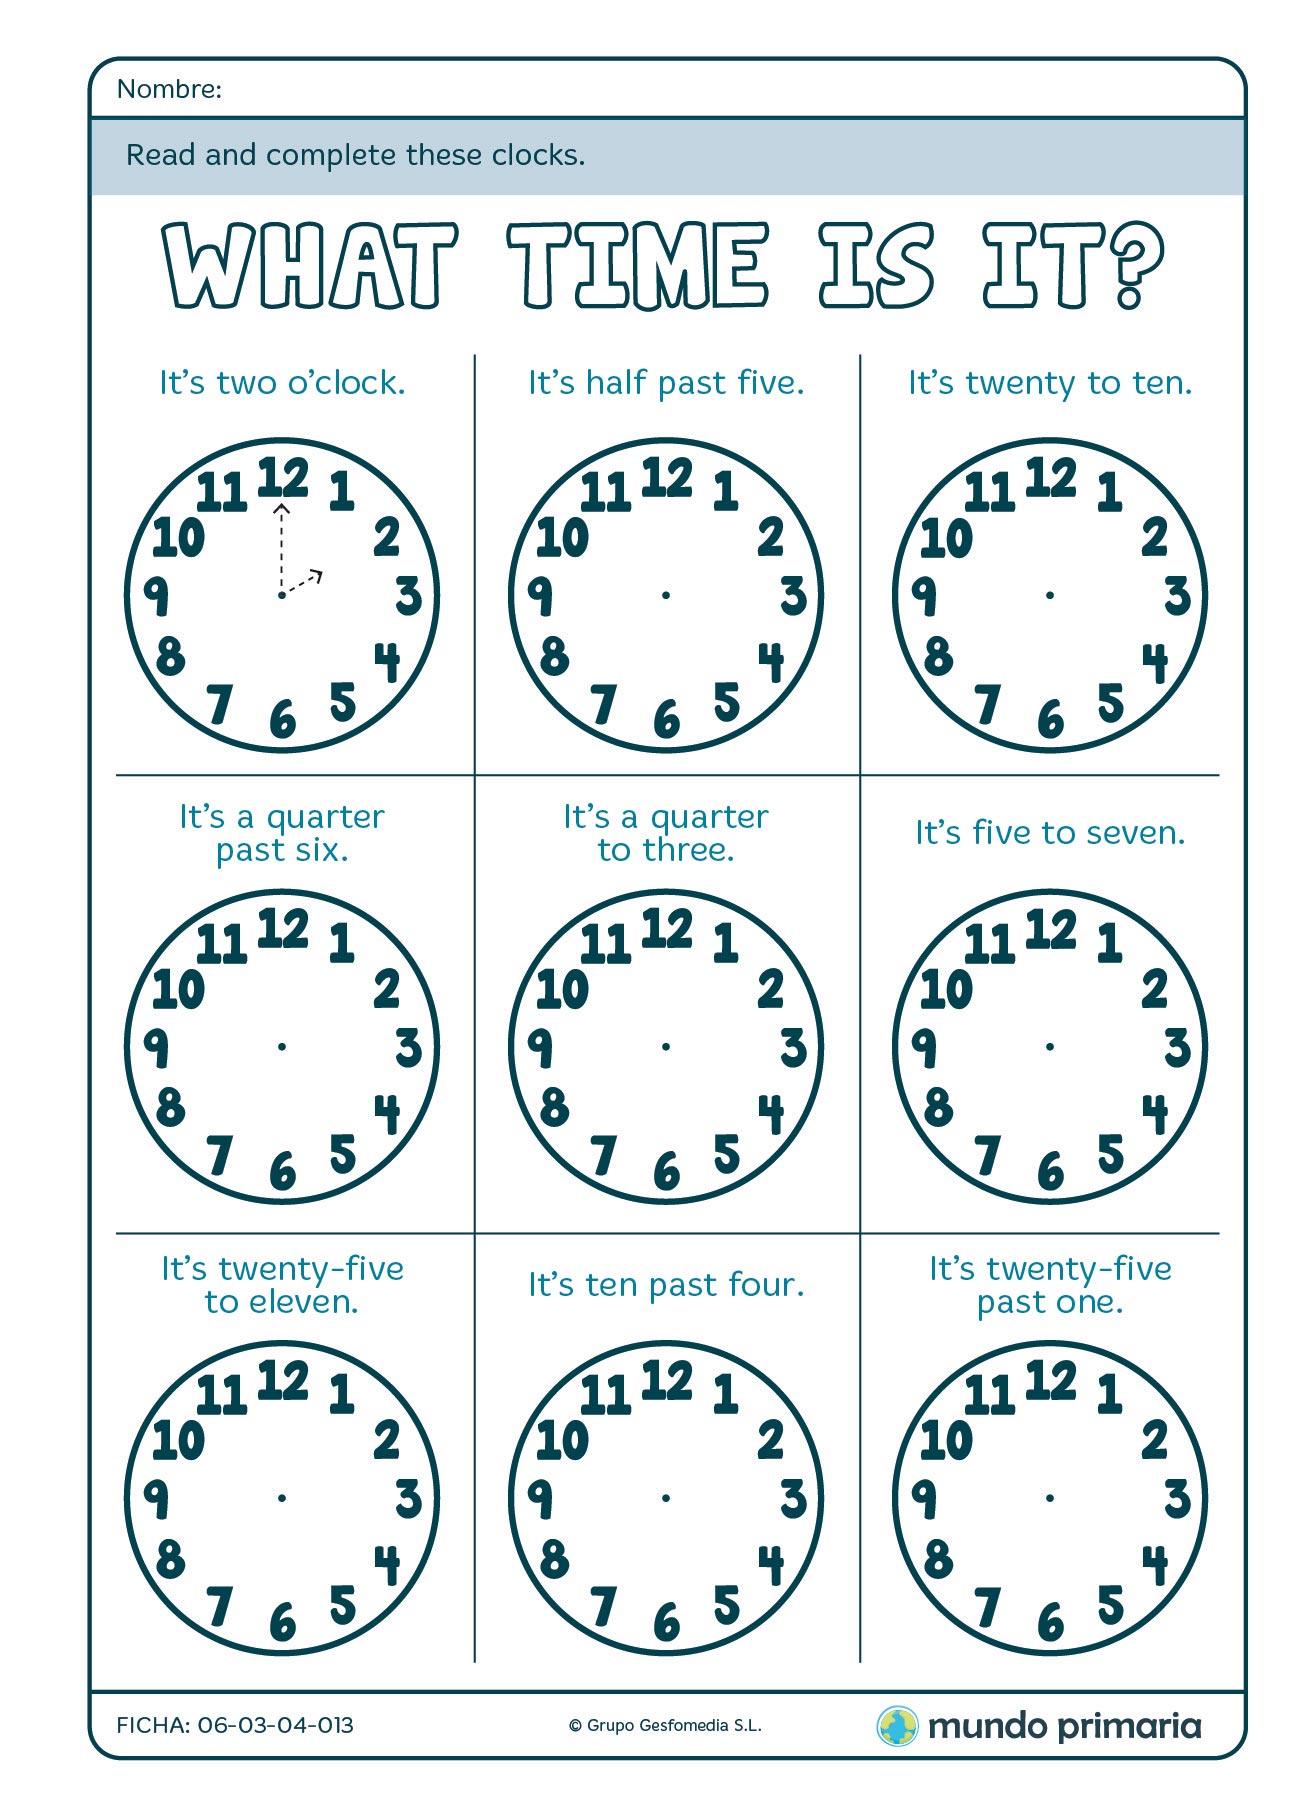 Ficha de dibujar los relojes en inglés para 4º de Primaria